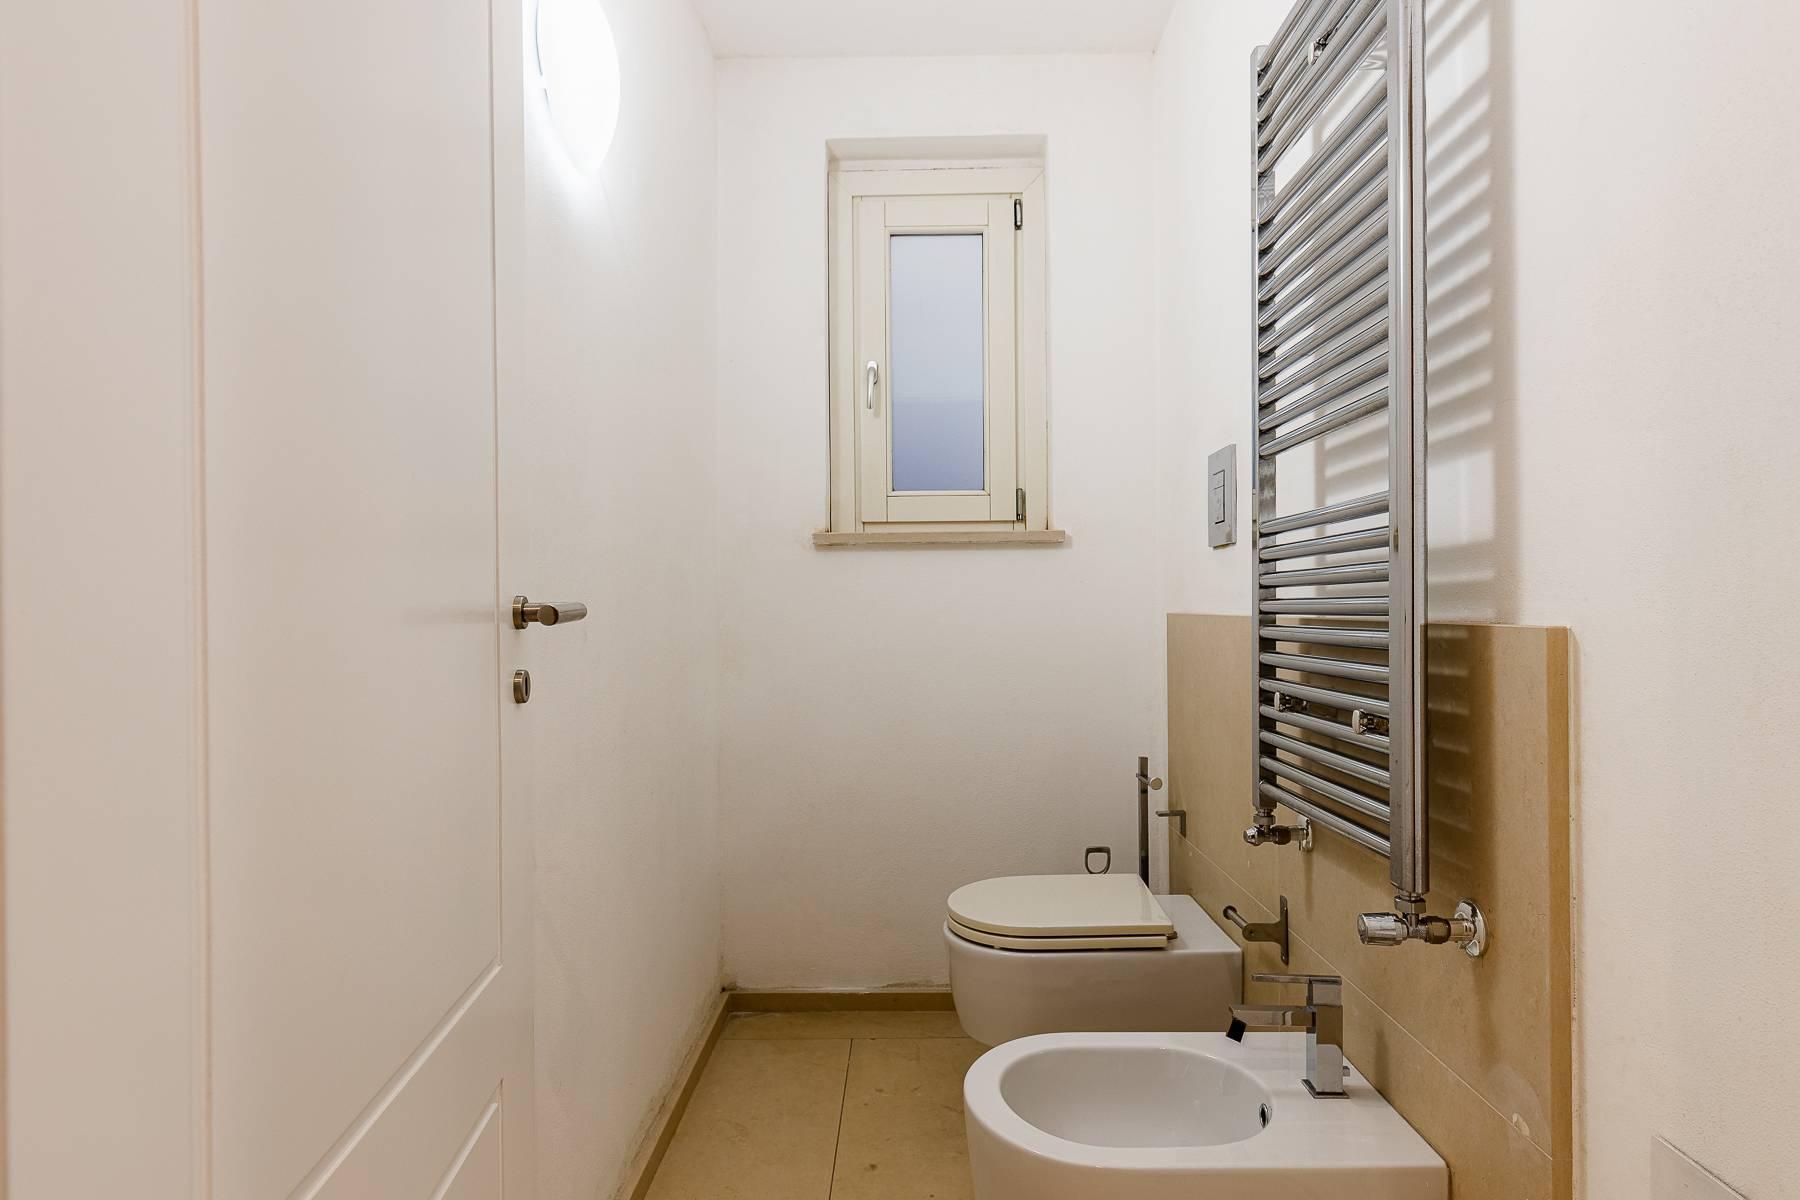 Appartamento in Vendita a Palermo: 4 locali, 154 mq - Foto 21